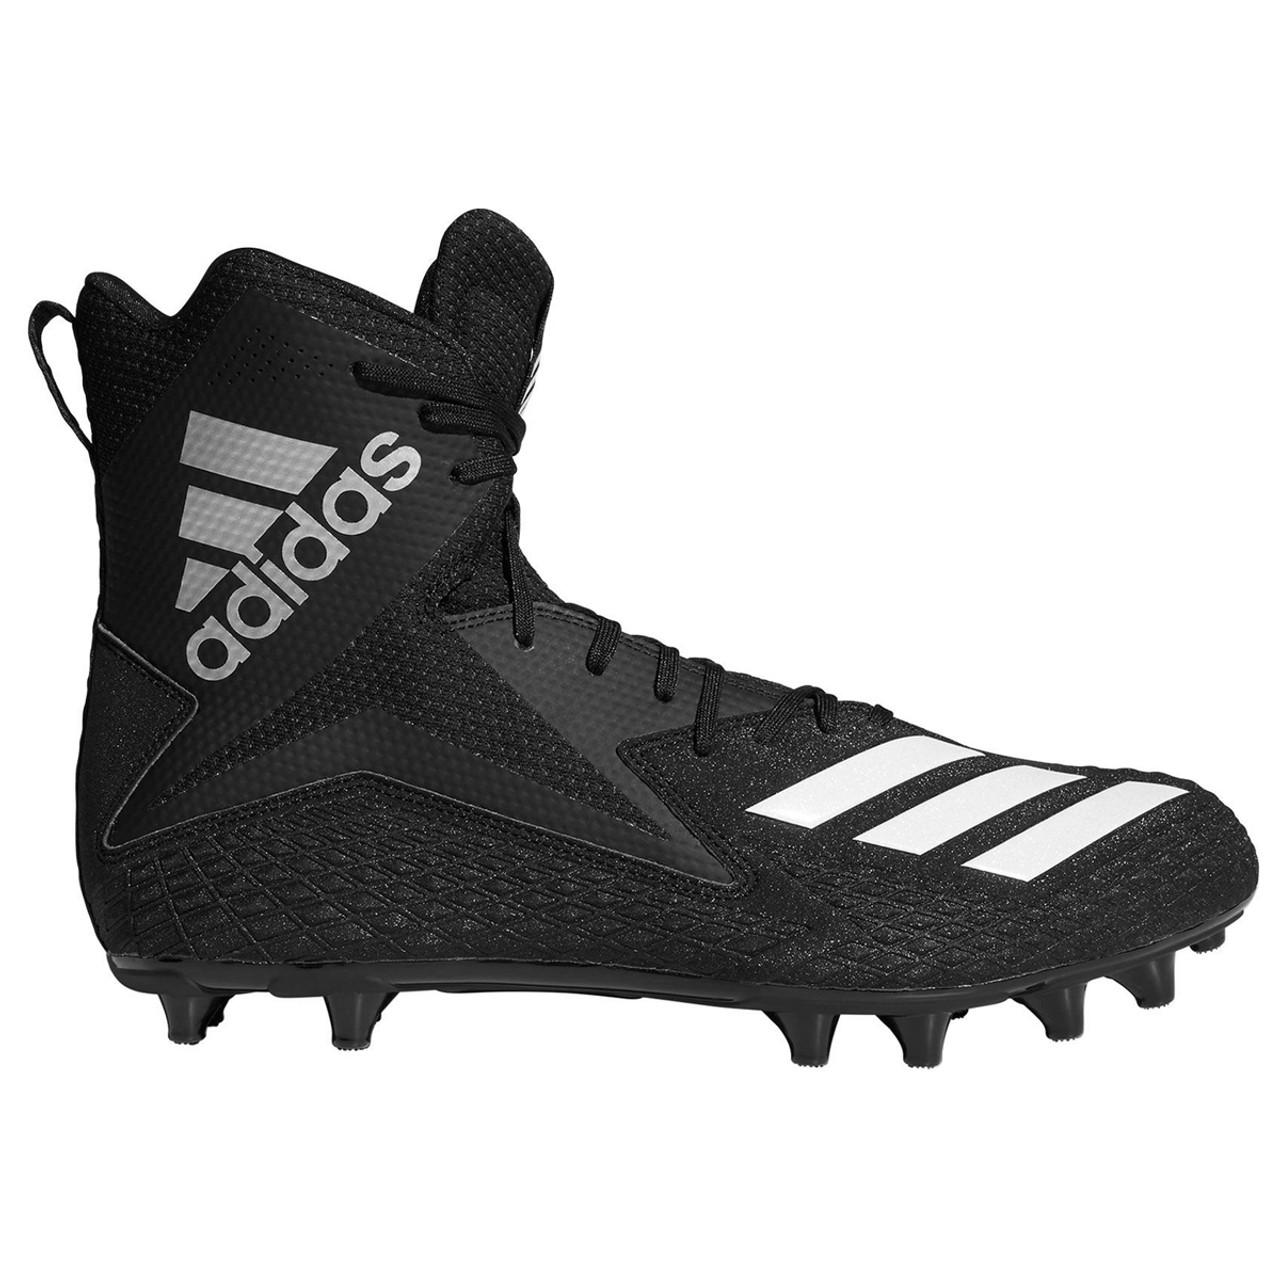 Adidas Freak High Wide Men s Football Cleats B27988 ... cd3ced391e55